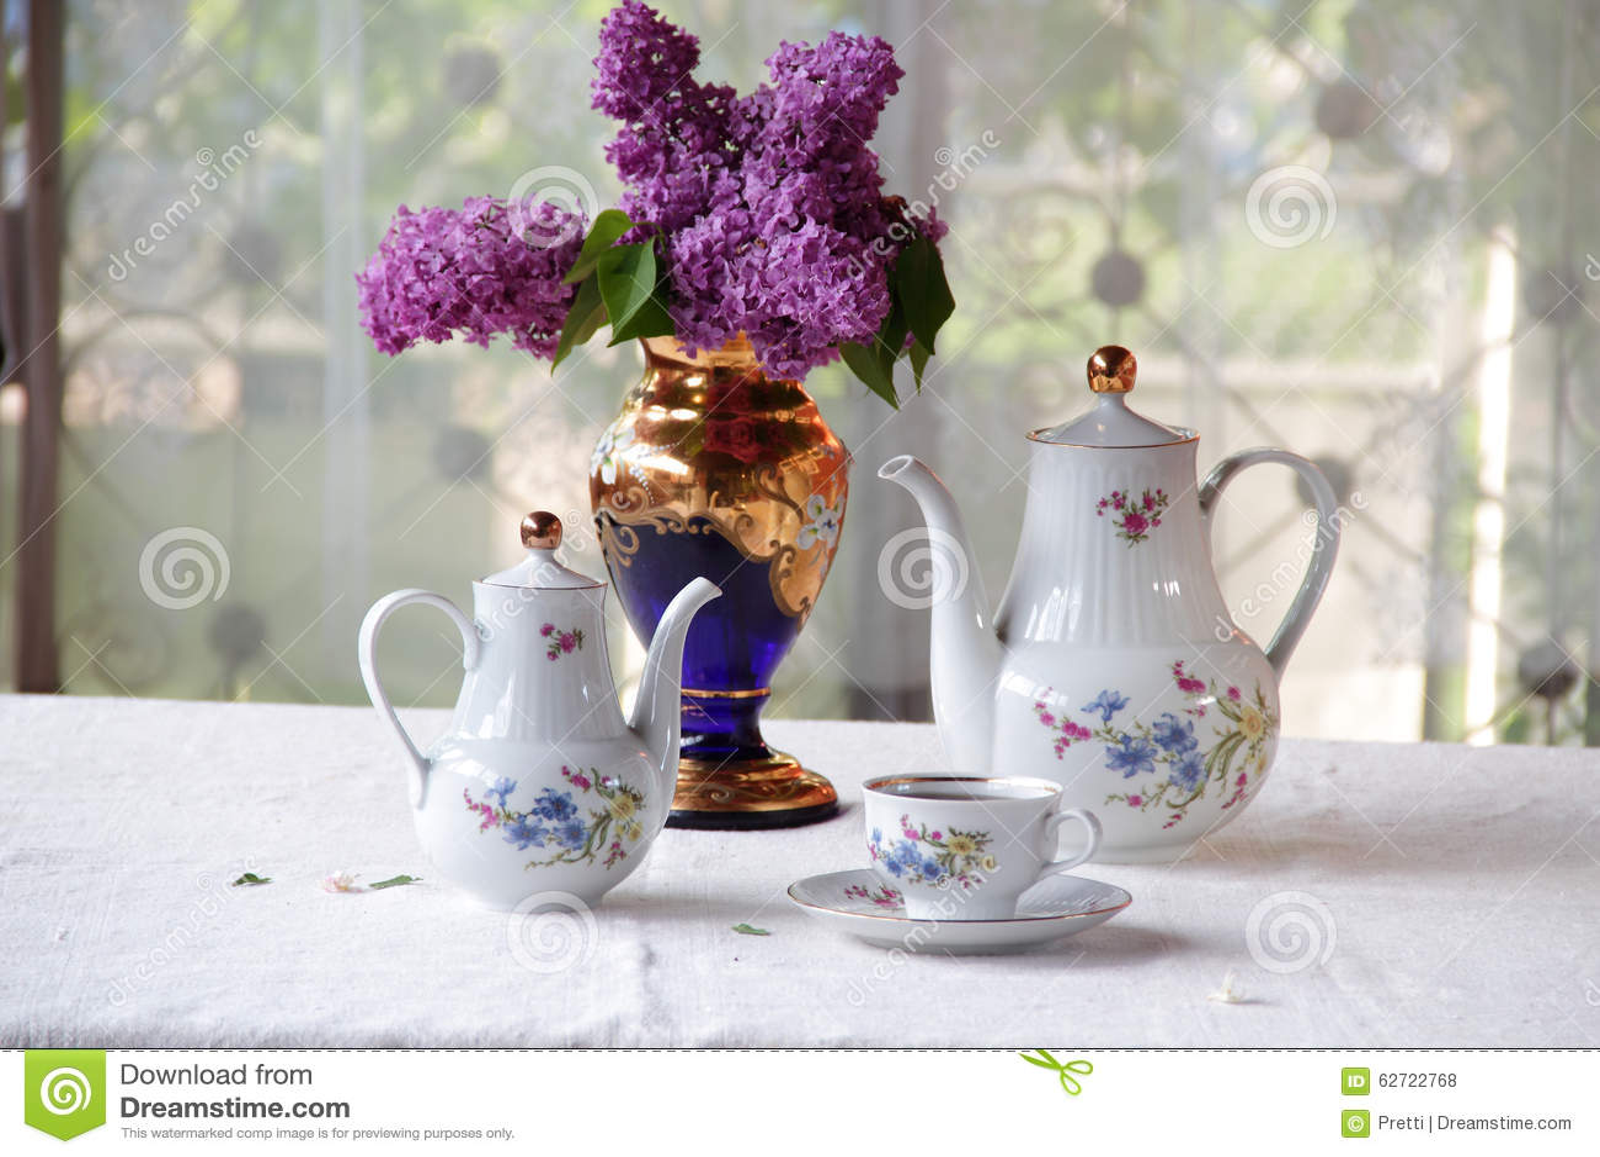 Τσάι σε ένα φλυτζάνι, και μια ιώδης ανθοδέσμη σε έναν πίνακα